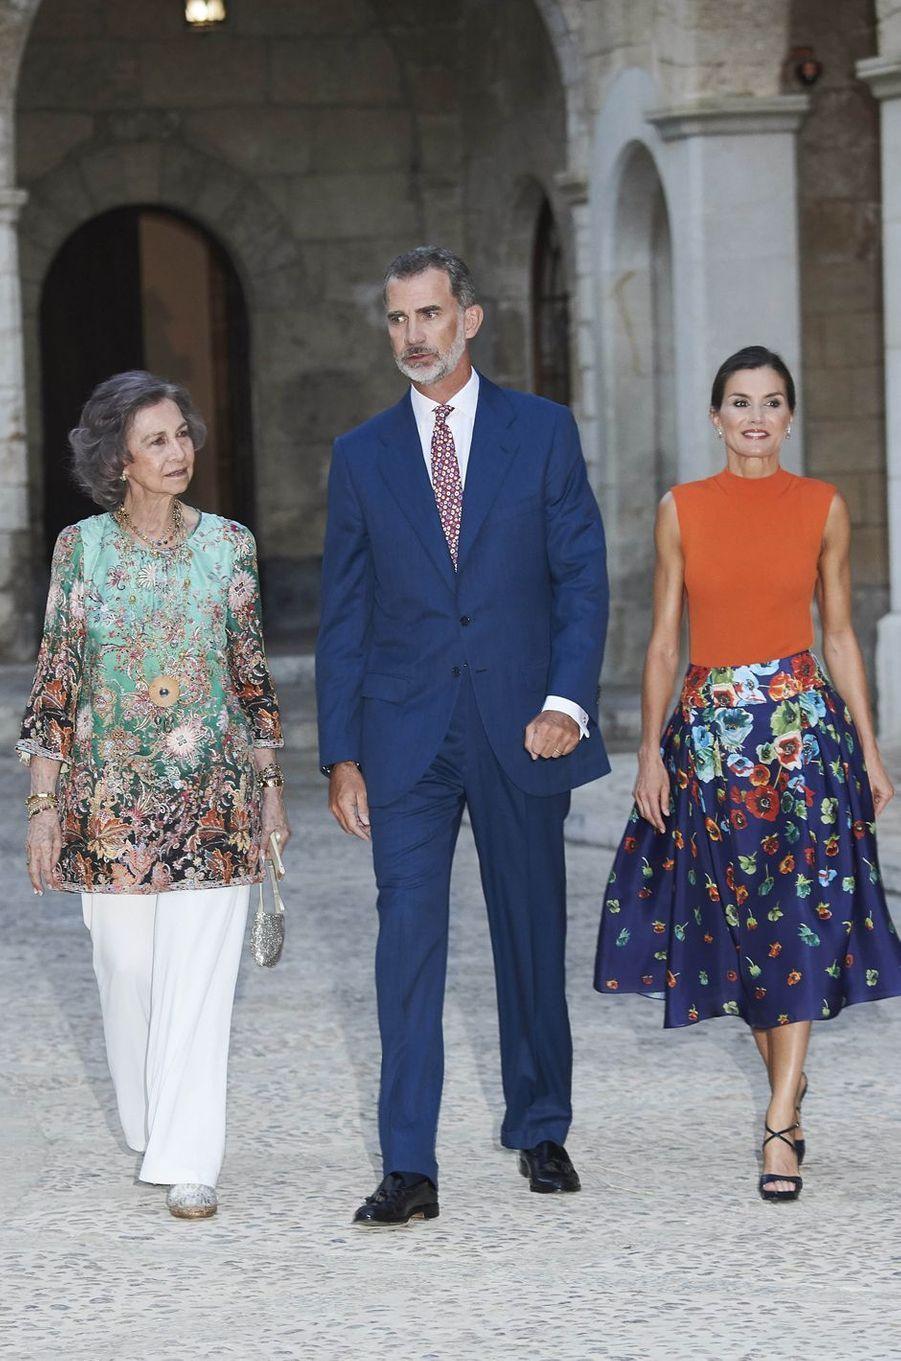 L'ex-reine Sofia, le roi Felipe VI et la reine Letizia d'Espagne à Palma de Majorque, le 3 août 2018